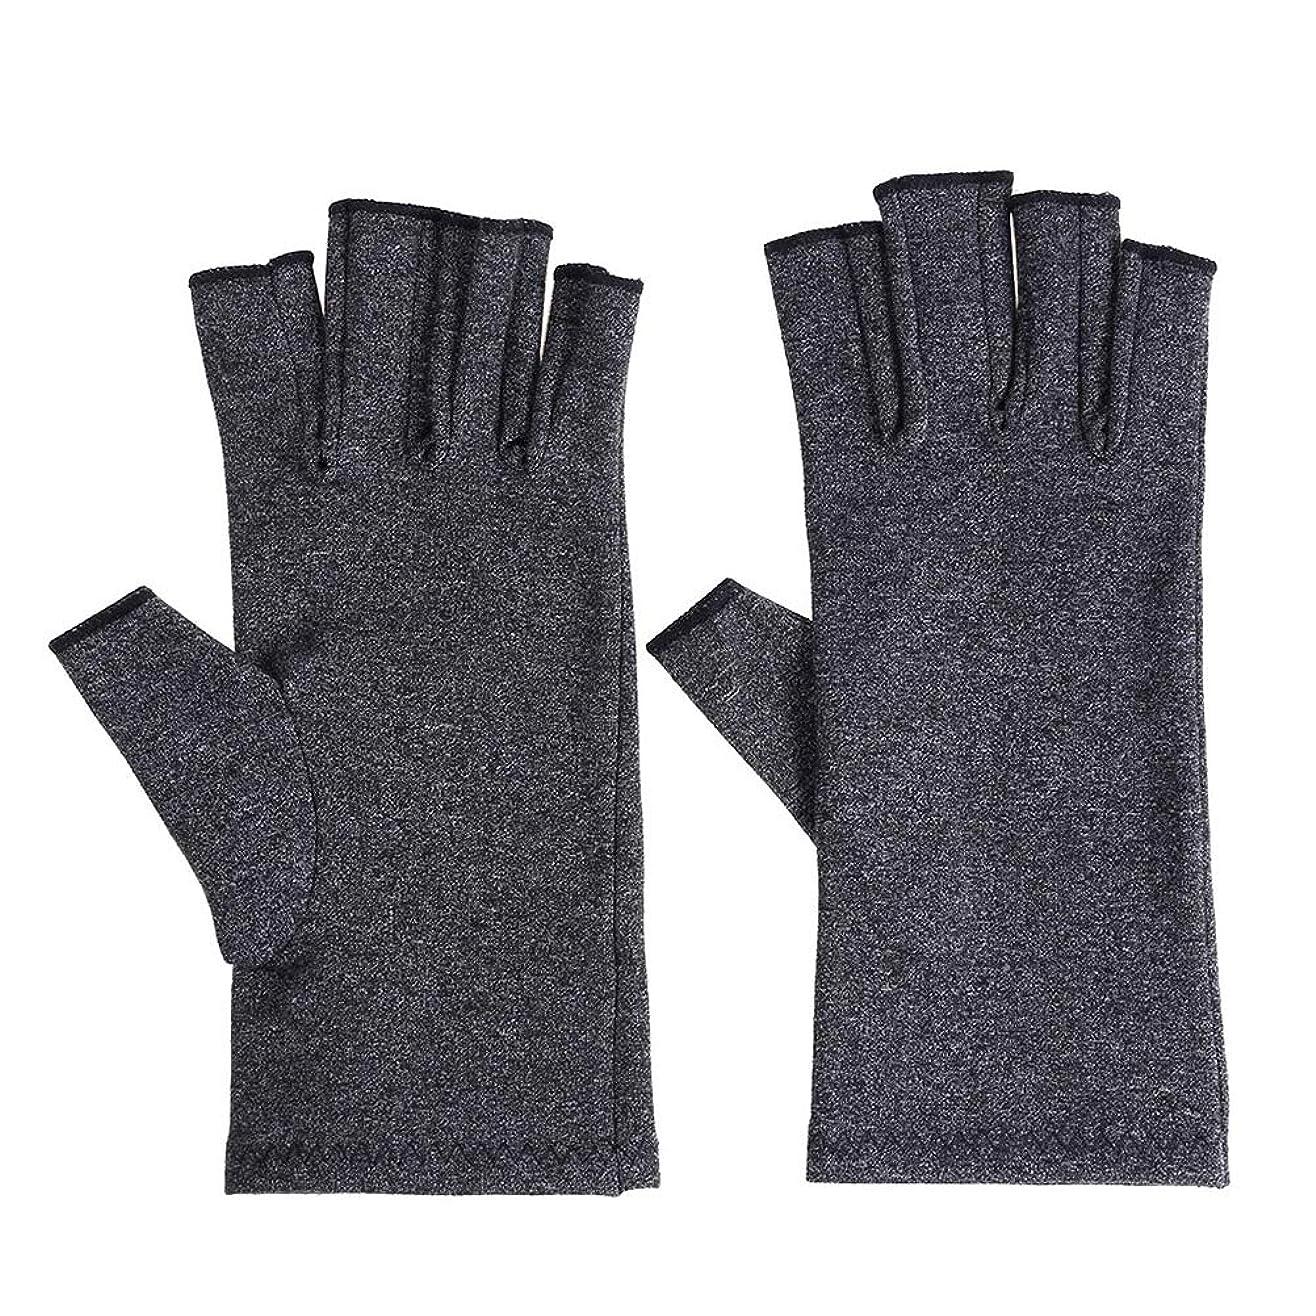 ストリーム絶対の返済Healifty 手関節炎関節痛緩和手袋療法圧縮手袋ヘルスケア手袋女性男性1ペア